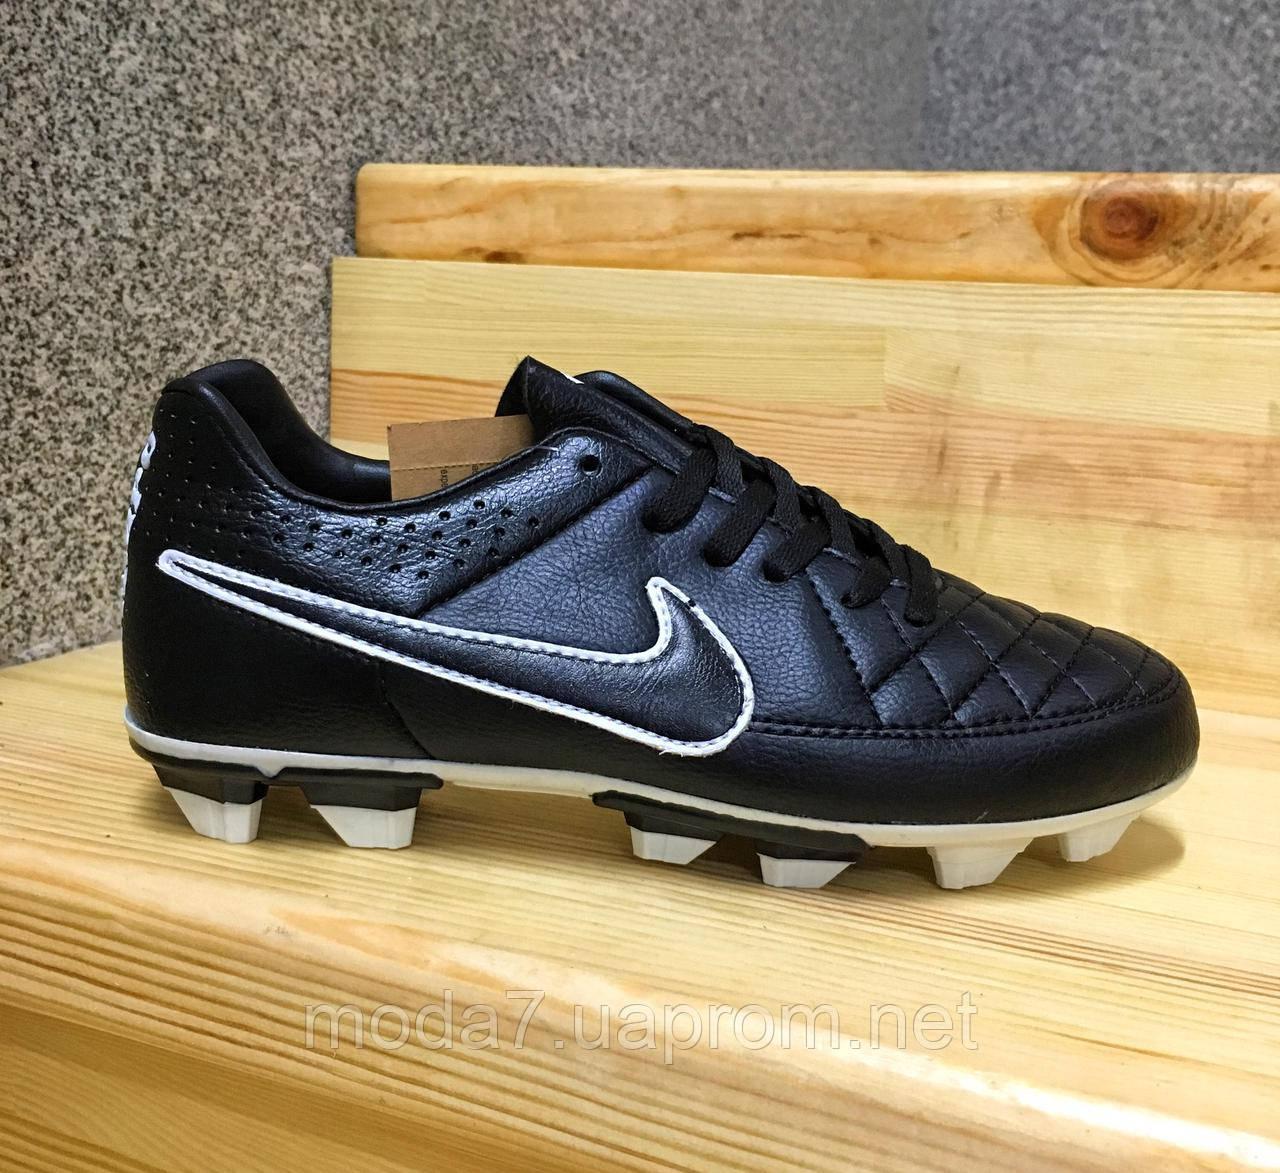 317a9a20 Подростковые копы - бутсы Nike Tempo черные 36-41р реплика -  Интернет-Магазин